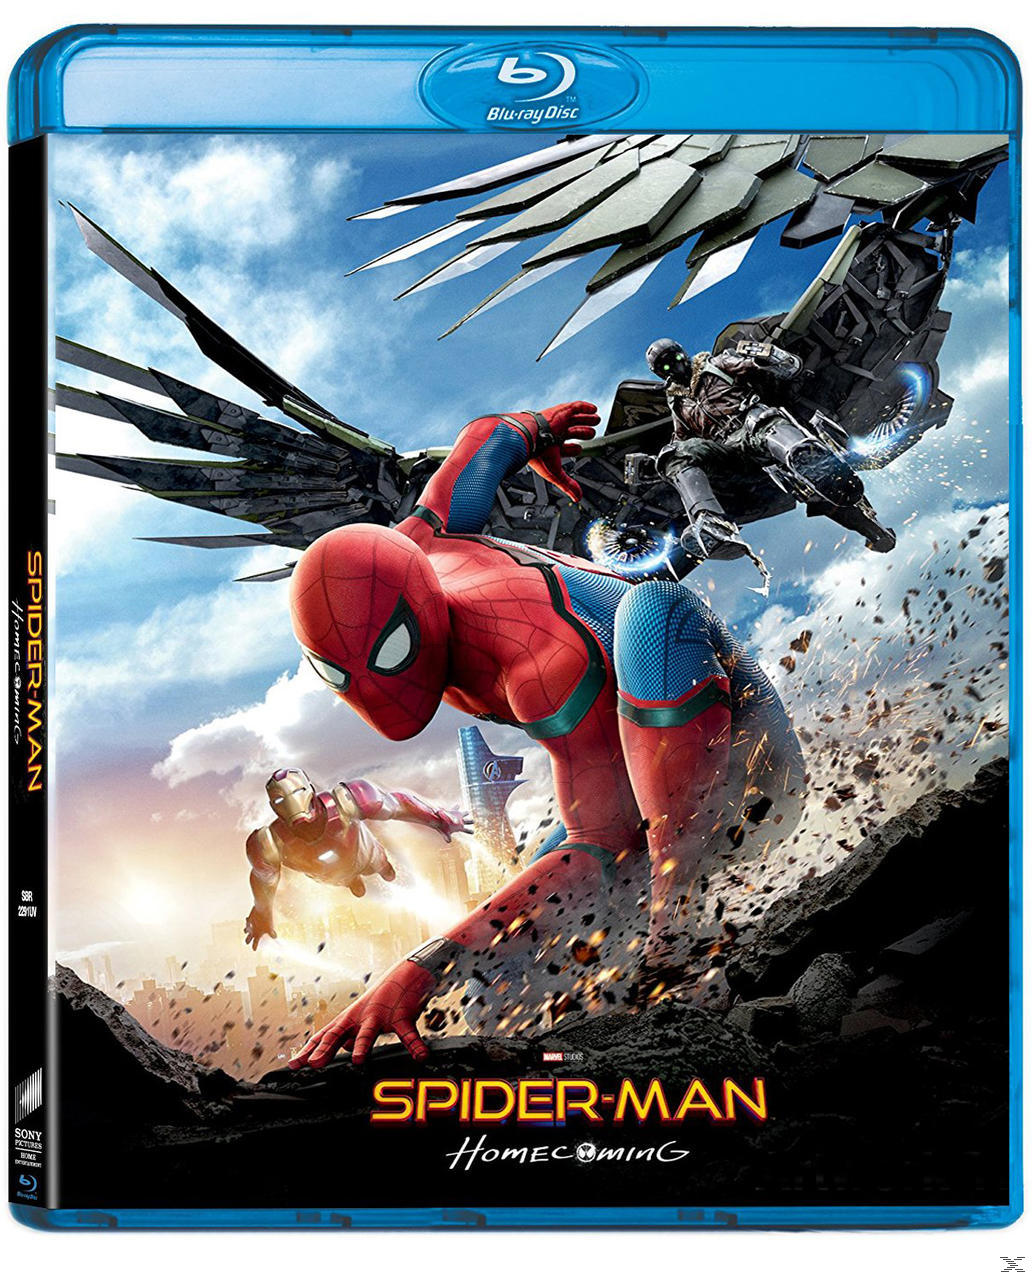 SPIDER-MAN: ΕΠΙΣΤΡΟΦΗ ΣΤΟΝ ΤΟΠΟ[BLU RAY]